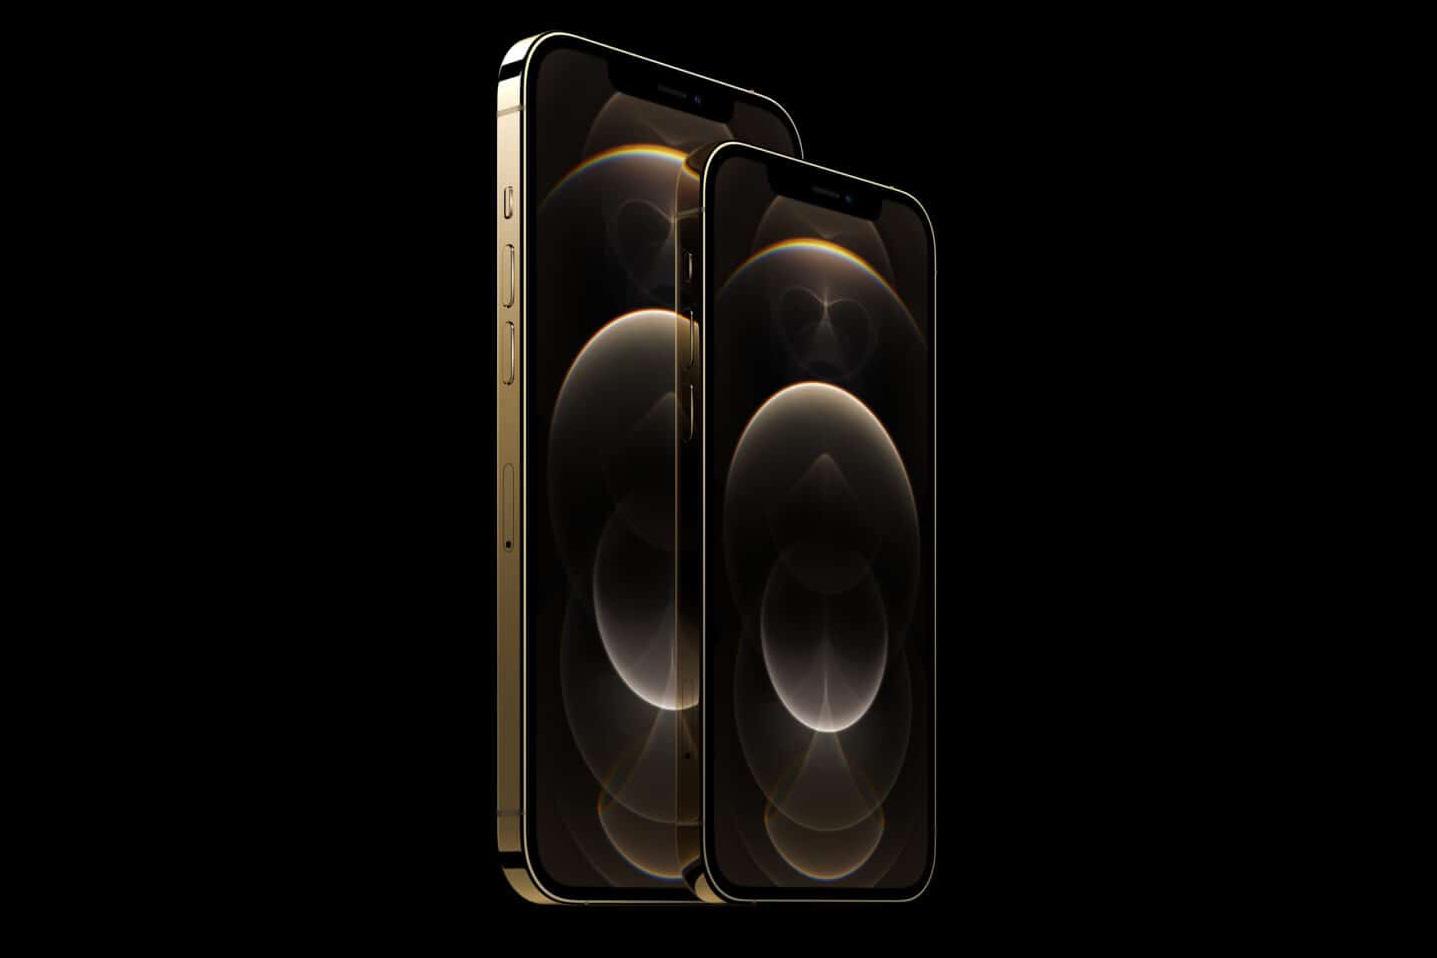 iPhone 12 Pro Max sắp mở bán có gì vượt trội so với XS Max? - Ảnh 2.